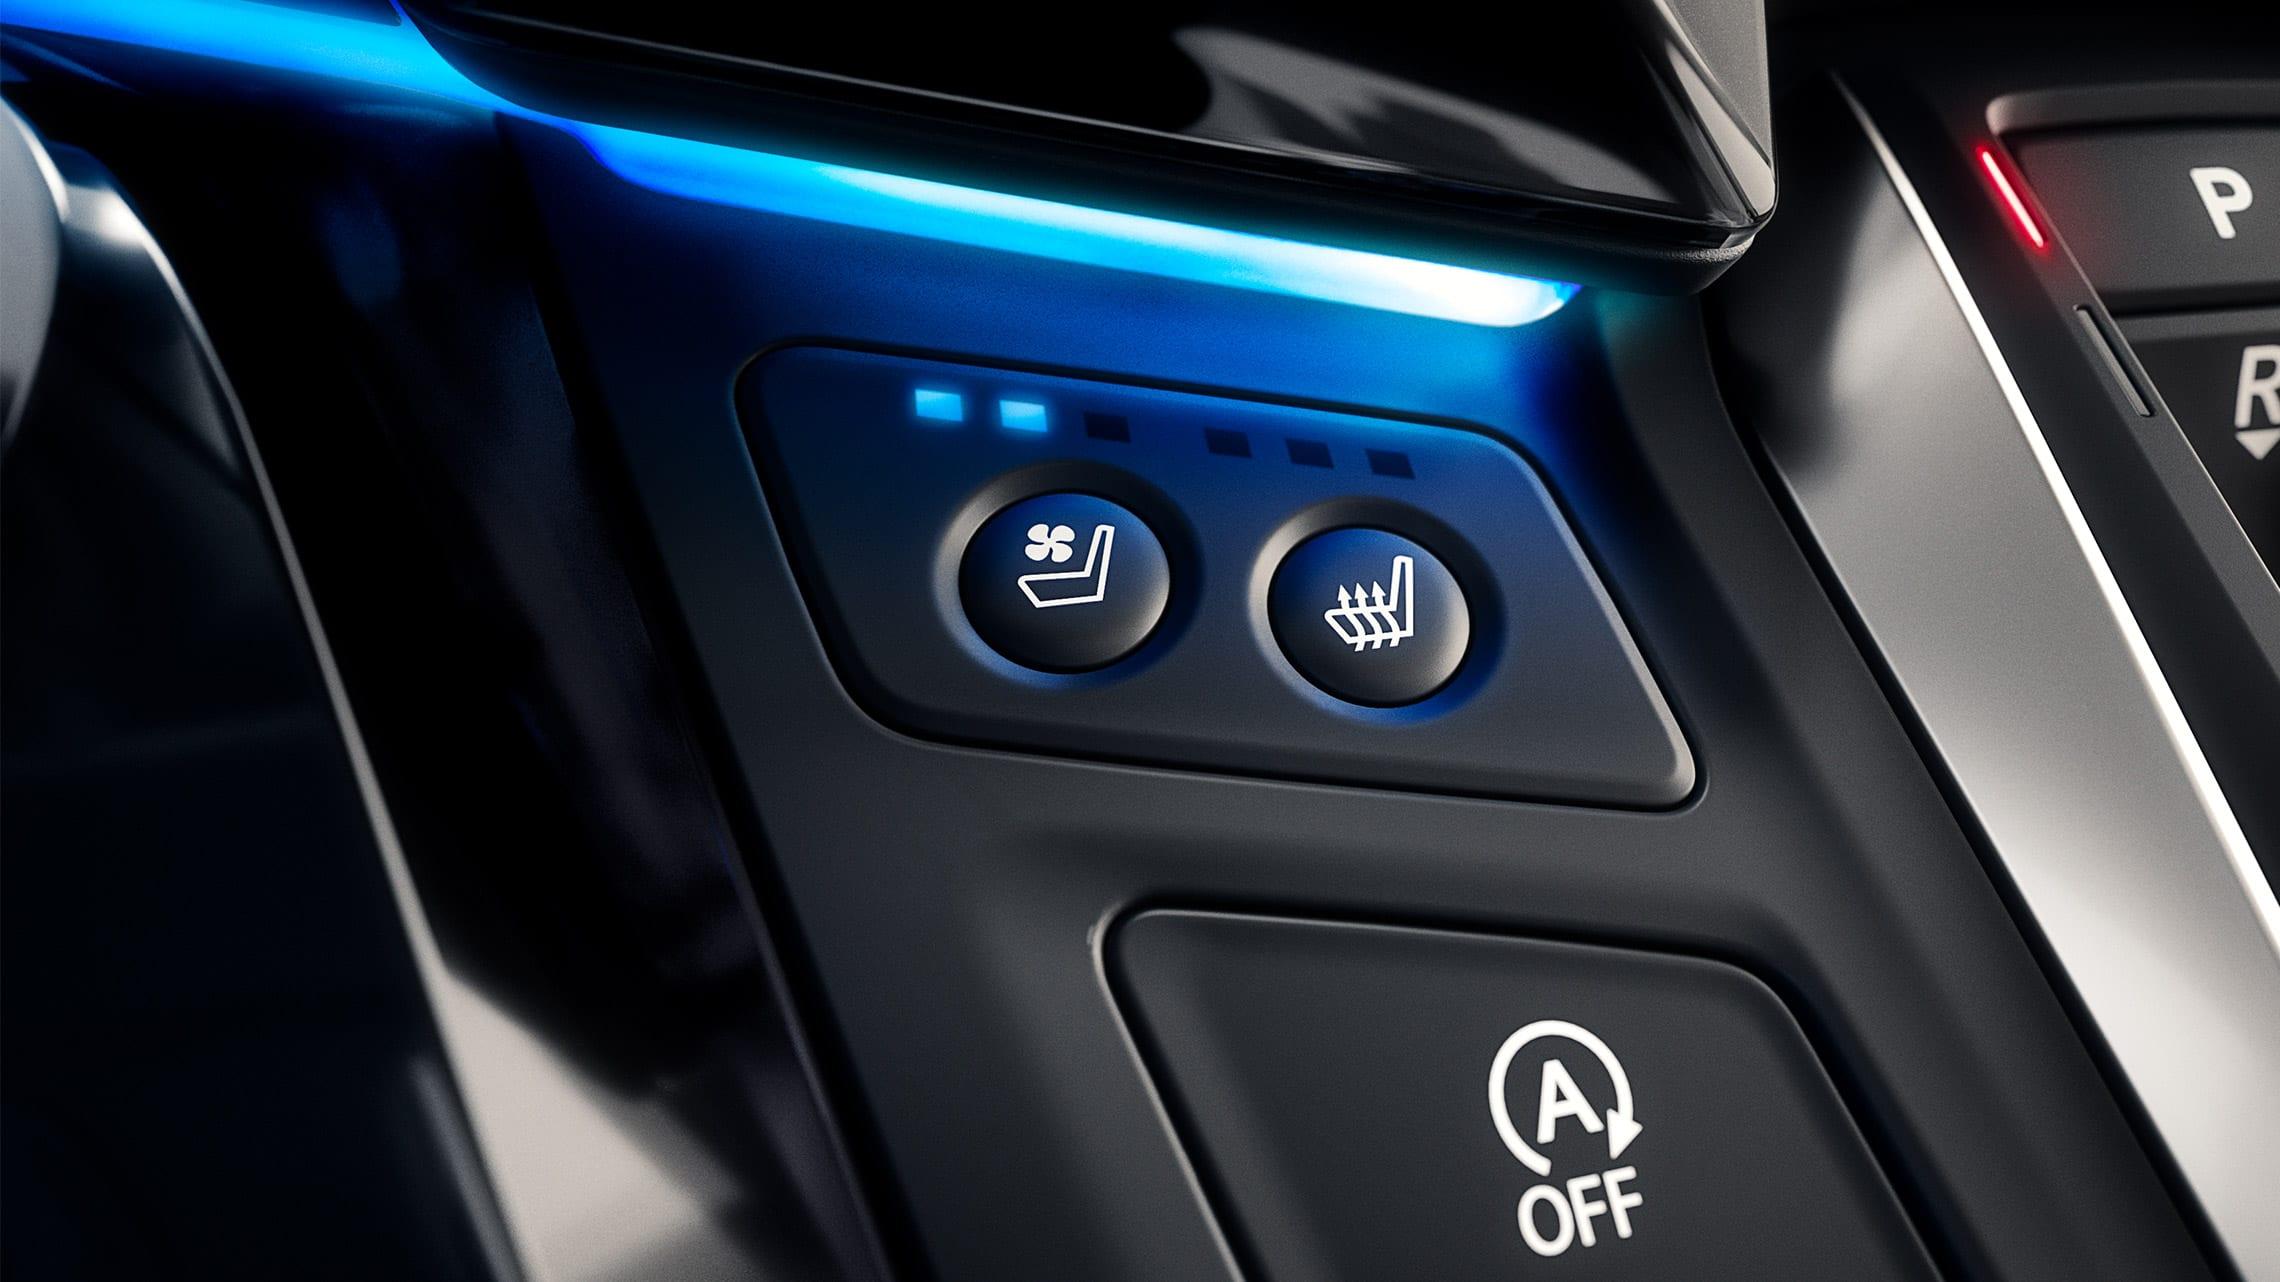 Detalle de los asientos delanteros con calefacción y ventilación en la Honda Odyssey Elite 2020.